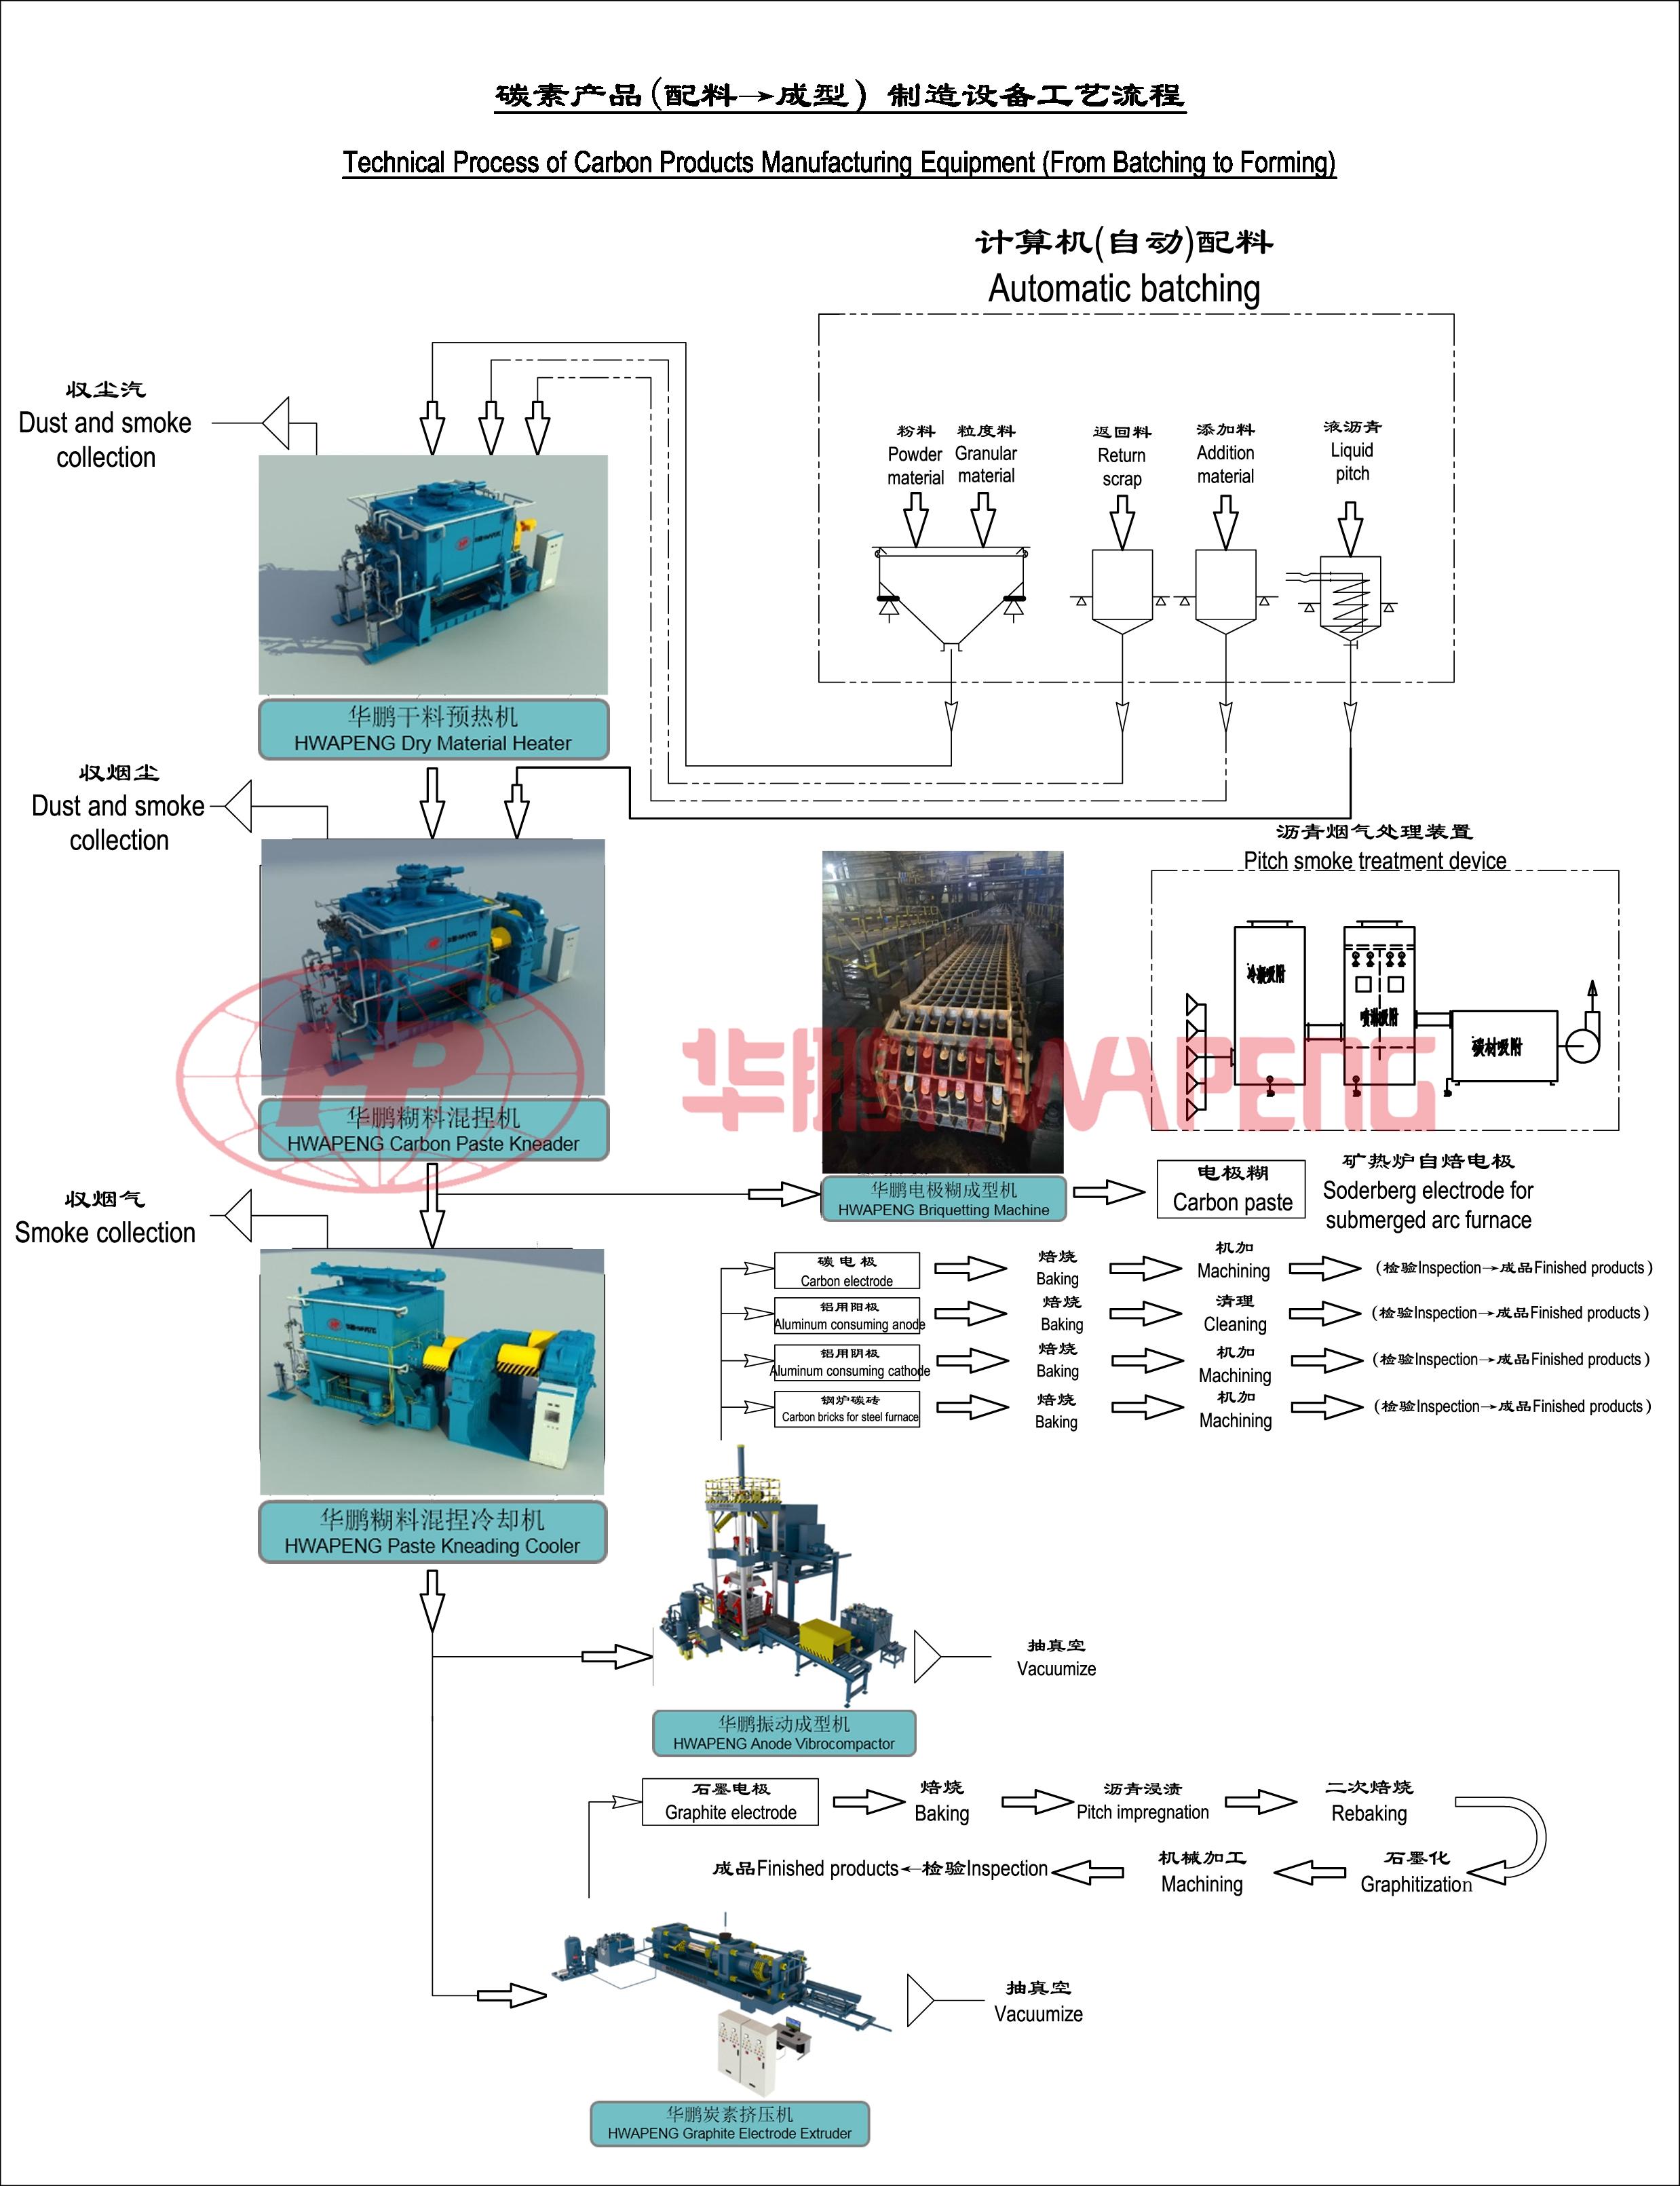 炭素制品生产工艺流程